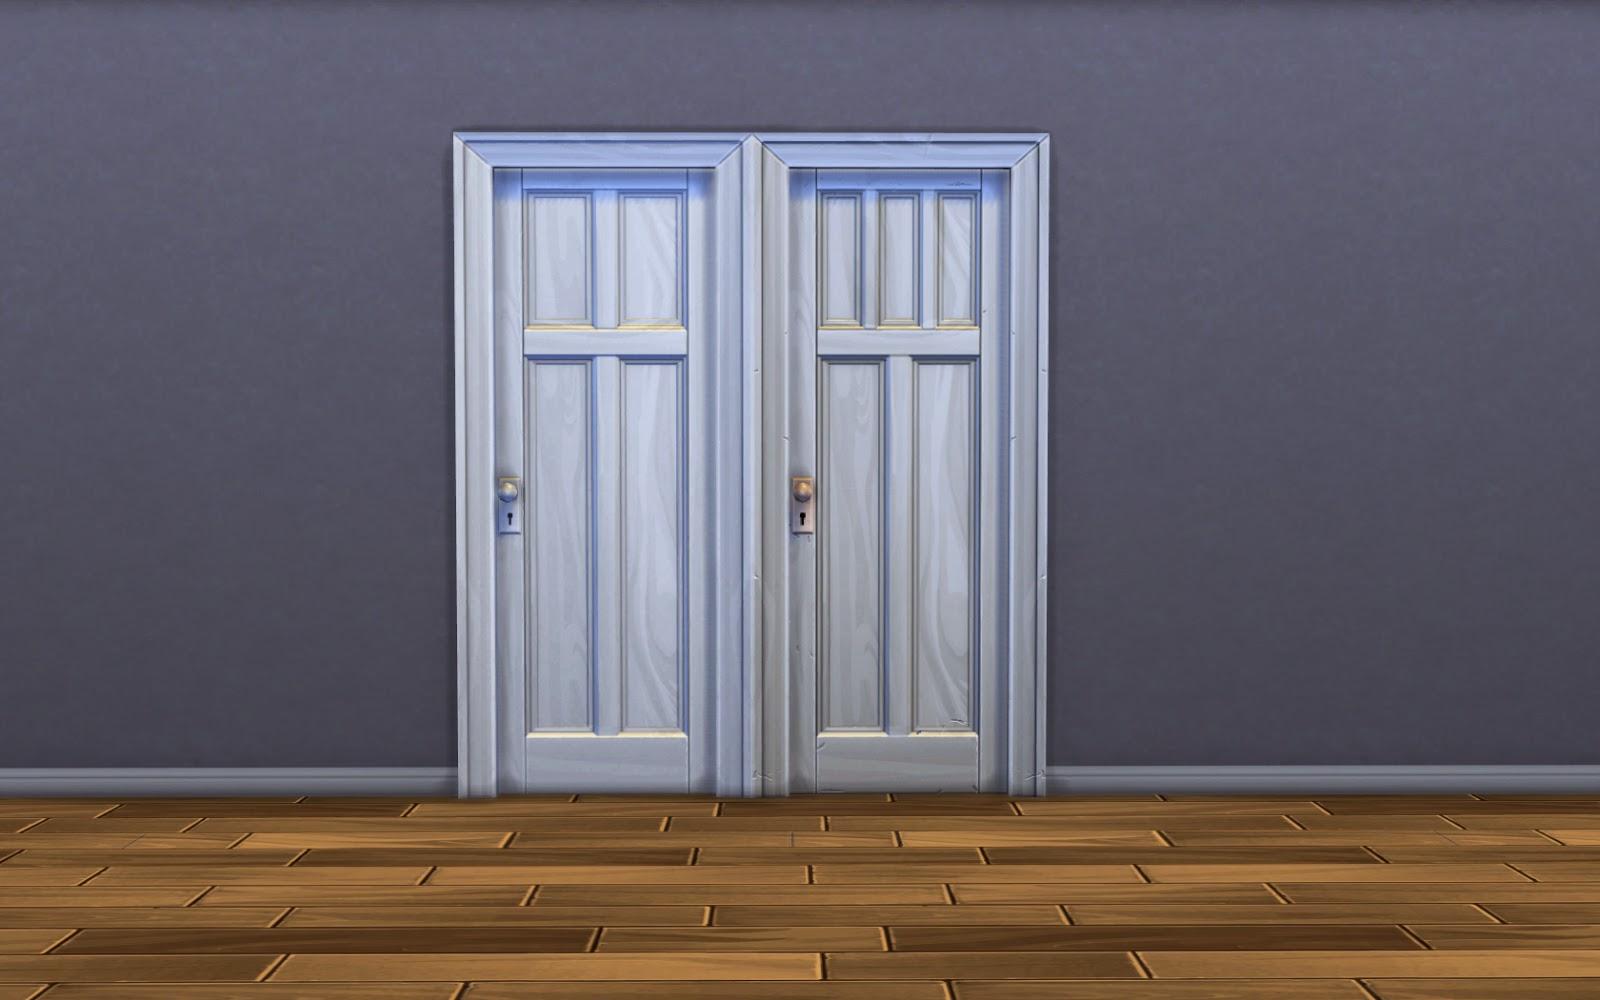 28 4 panel wood doors 4 panel wood interior doors www galle